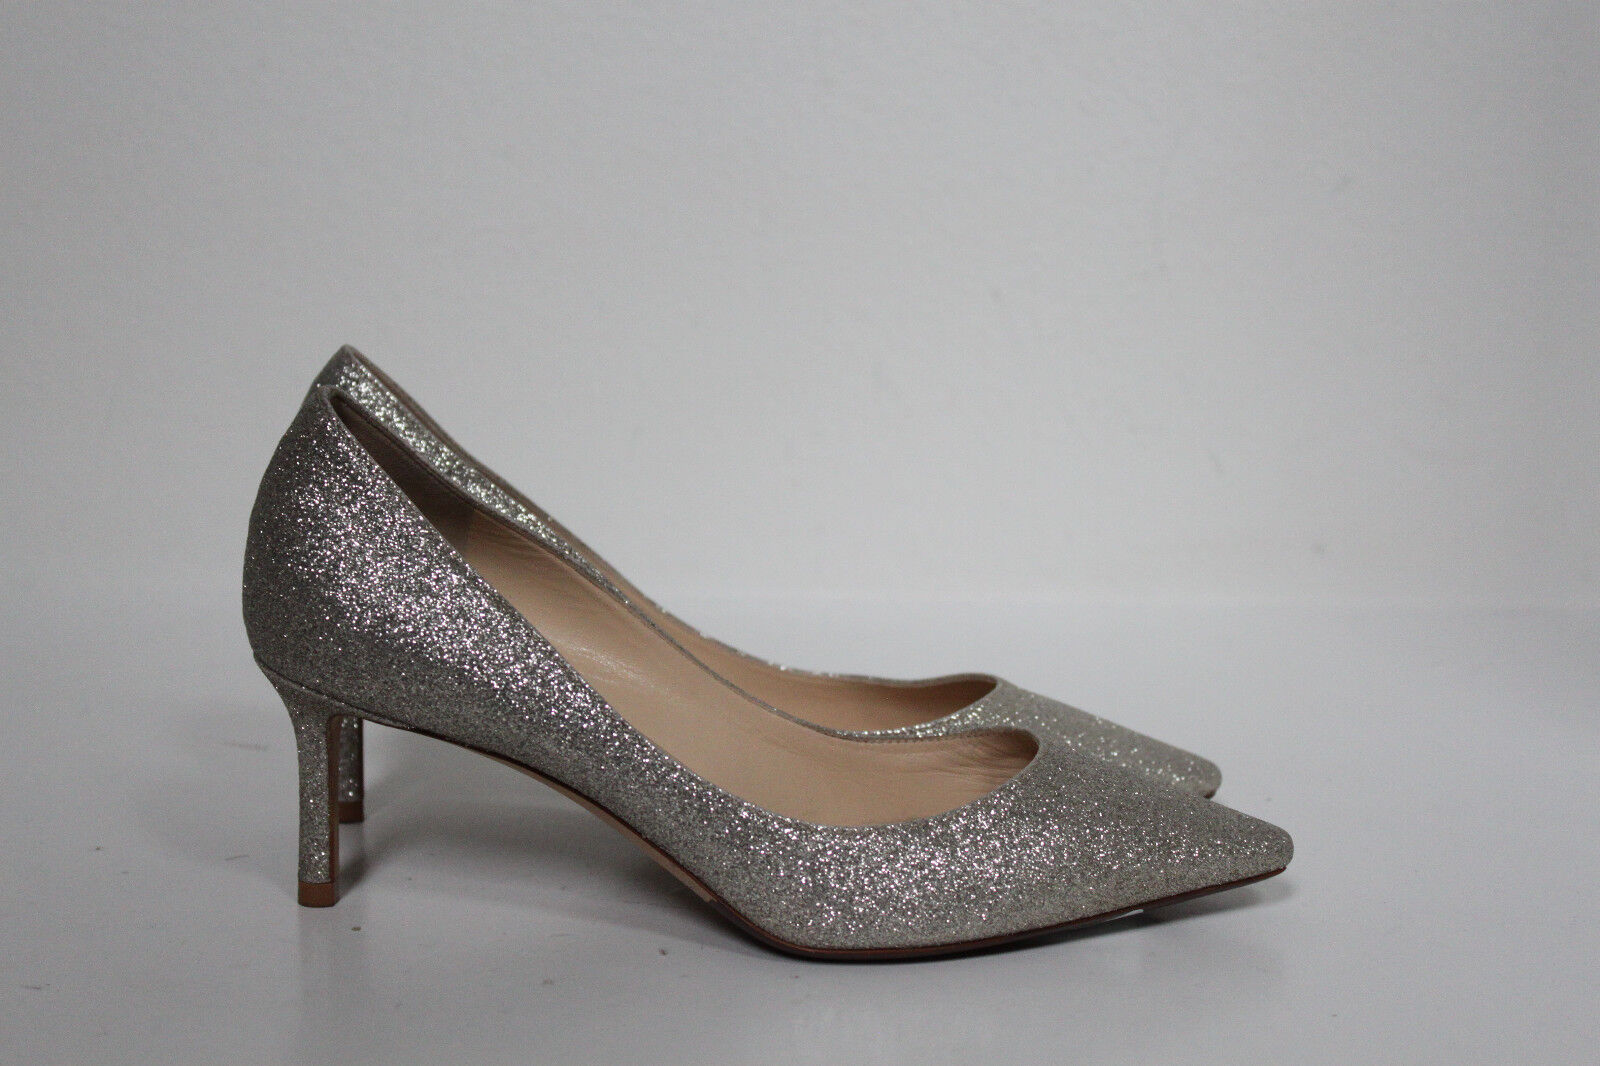 Sz 7   37 Jimmy Jimmy Jimmy Choo Romy Glitter Shimmer Point Toe Low Heel Classic Pump skor  stort urval och snabb leverans